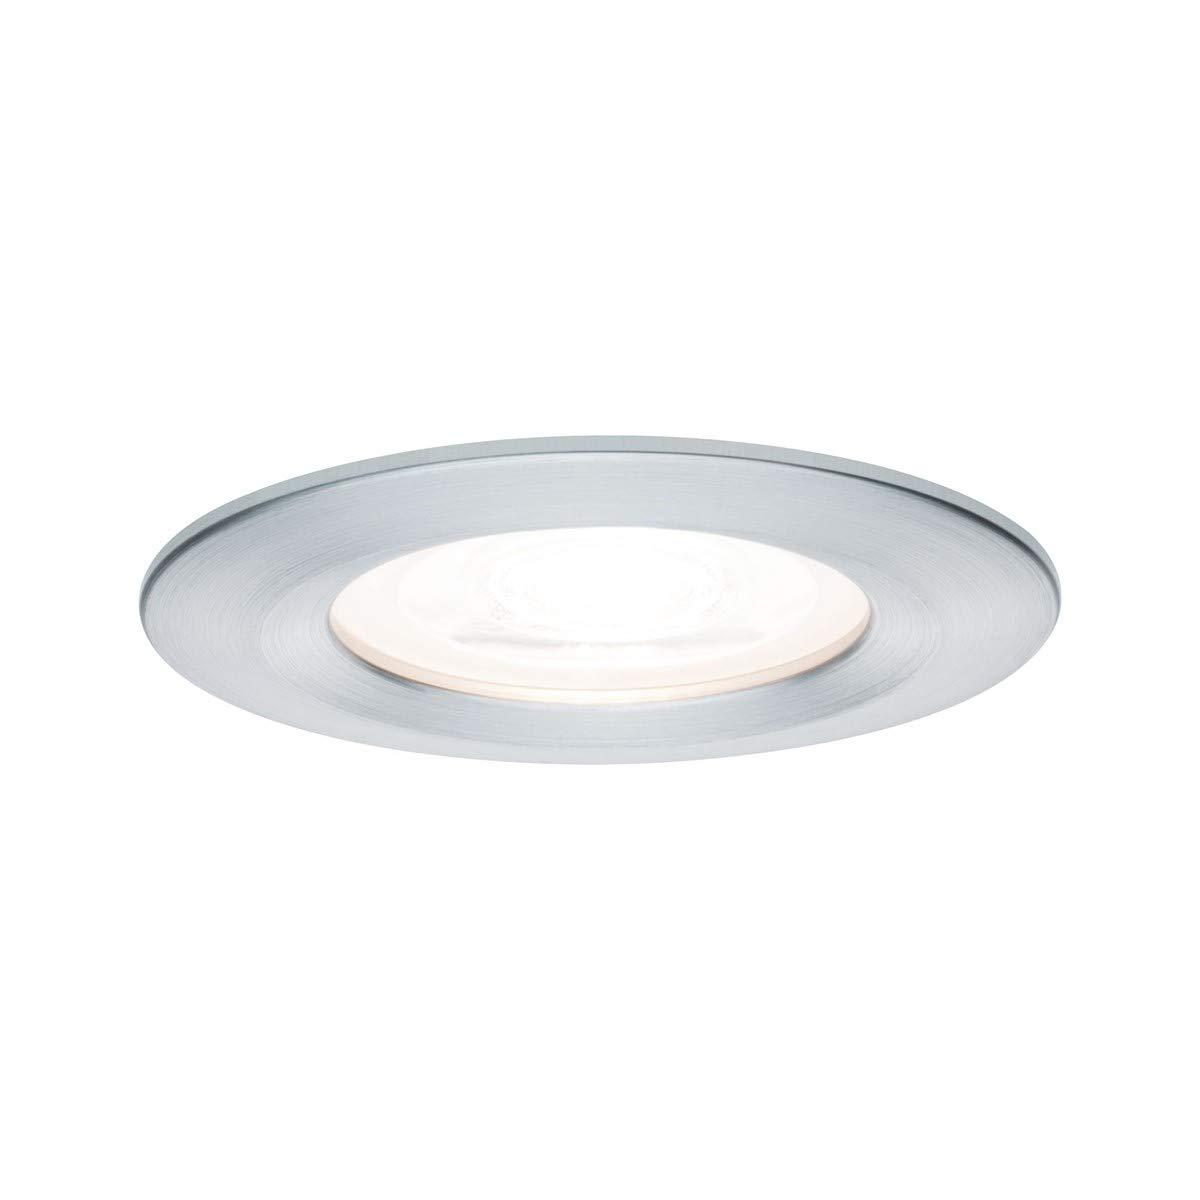 Paulmann Leuchten Paulmann 93598 LED Nova Einbaustrahler rund Deckenspot 3x7W Einbaulampe GU10 Spot Alu dimmbar IP44 spritzwassergeschützt Einbauleuchte, Aluminium, 7 W